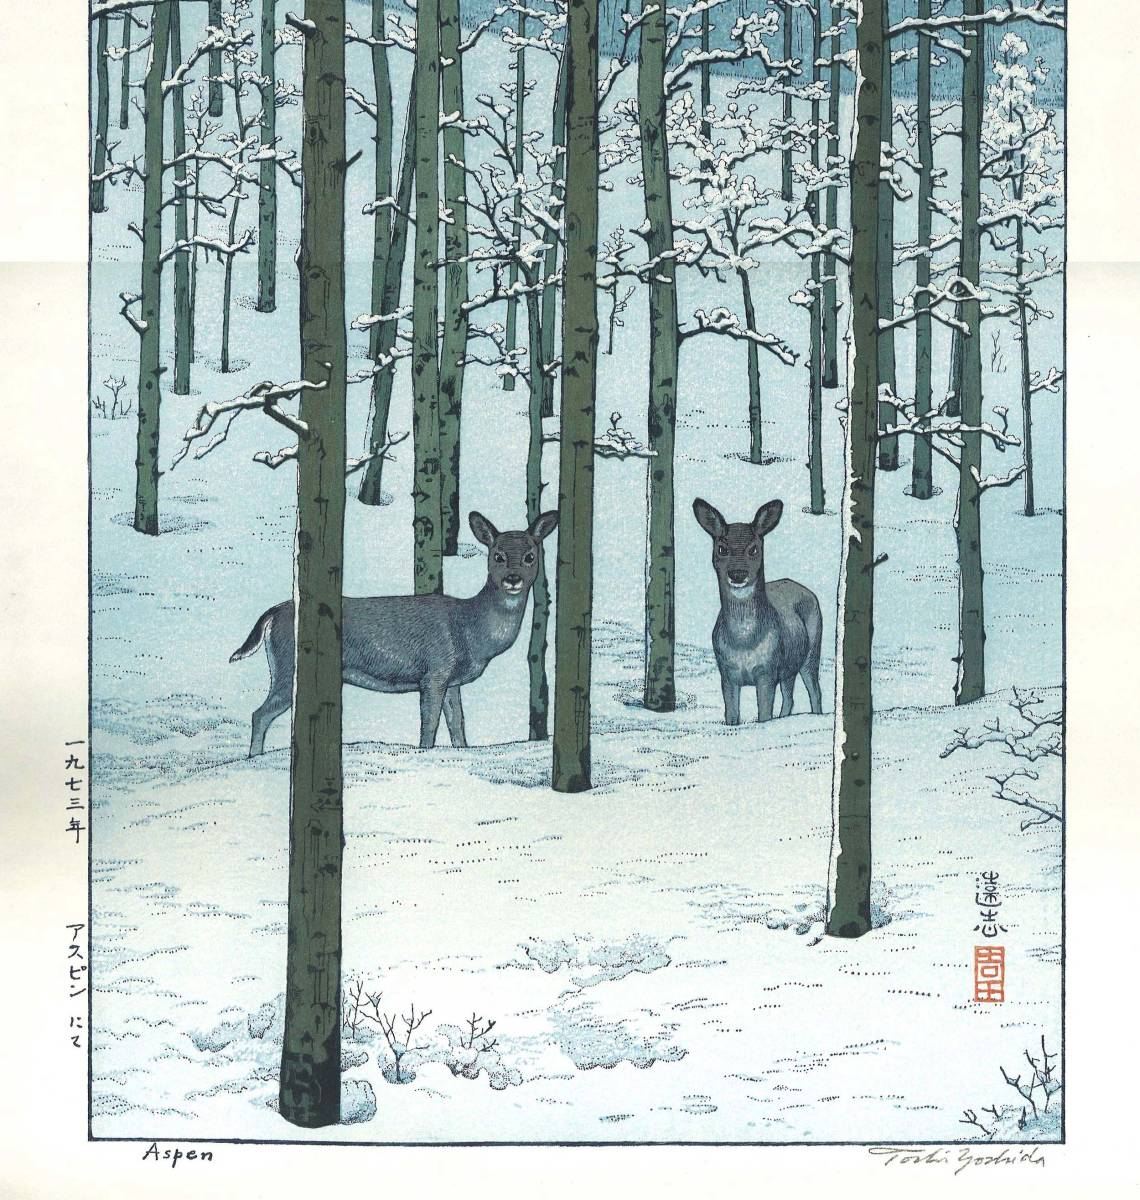 吉田遠志 木版画 017301 アスピンにて (Aspen) 初摺1973年 最後の1枚!!  最高峰の摺師の技をご堪能下さい!!_画像5